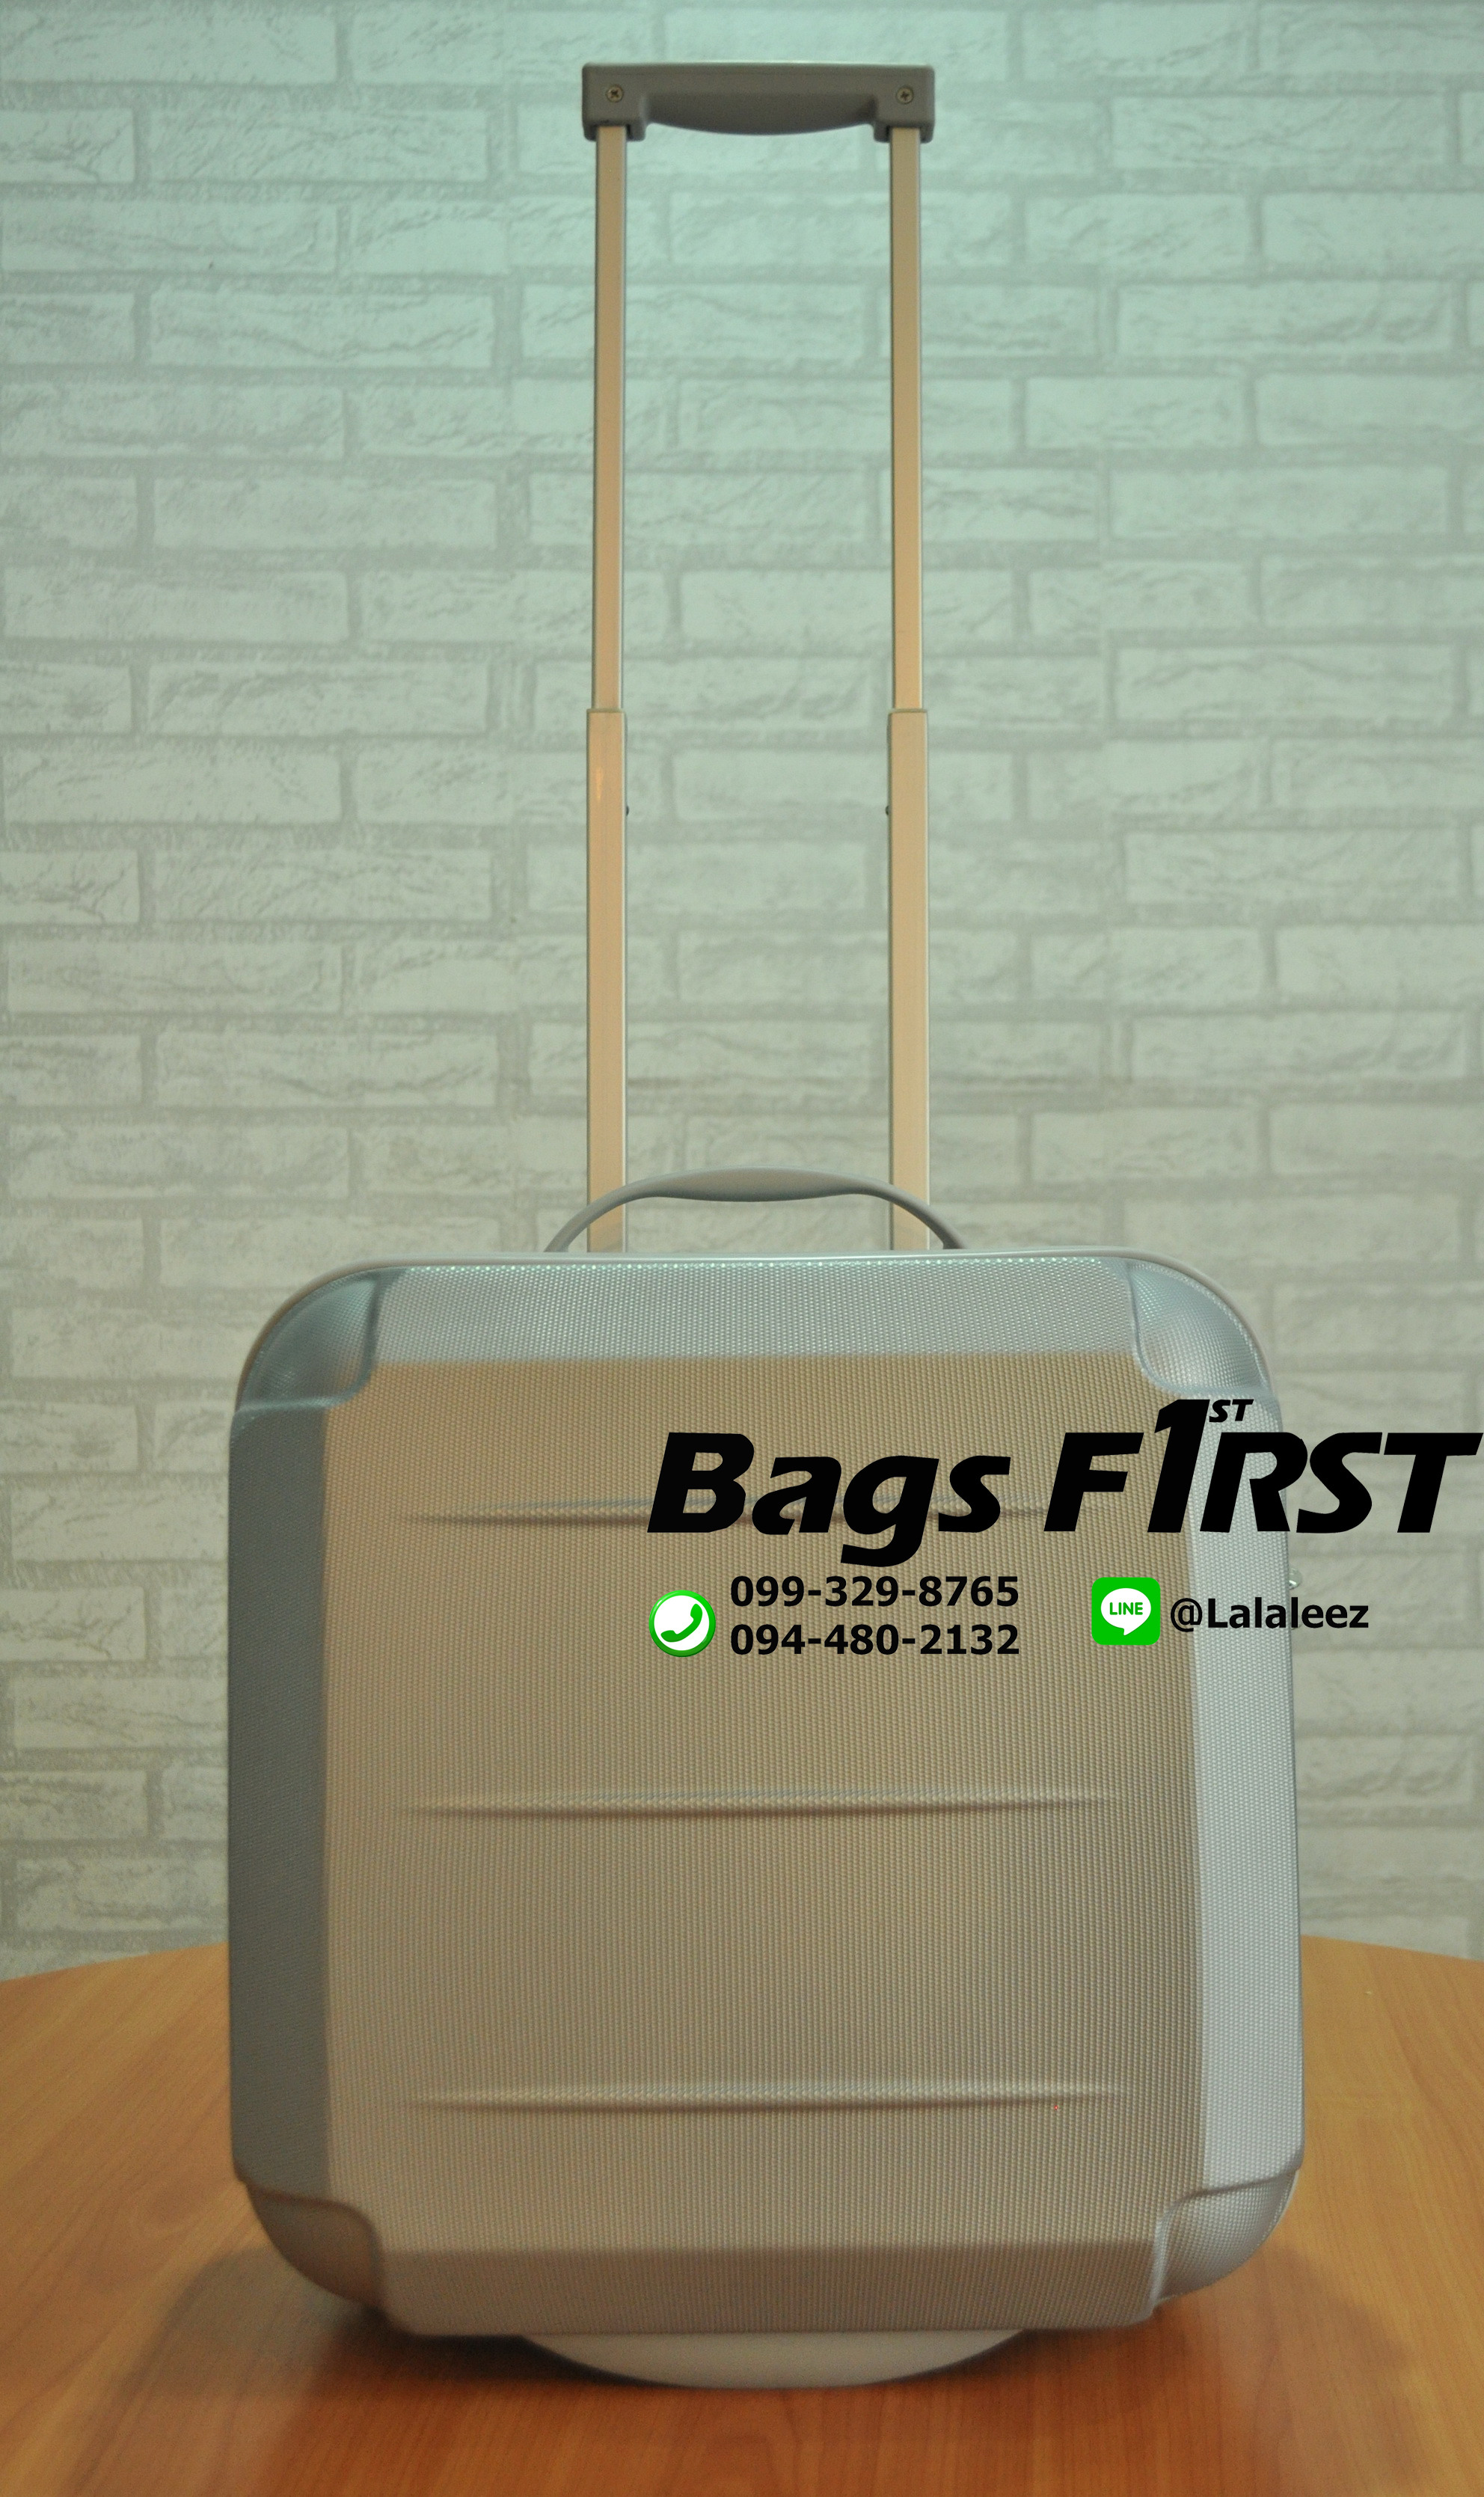 กระเป๋าเดินทางล้อลาก 2 ล้อ ขนาด 16 นิ้ว สีเงิน ขีดห่าง ผิวหยาบ